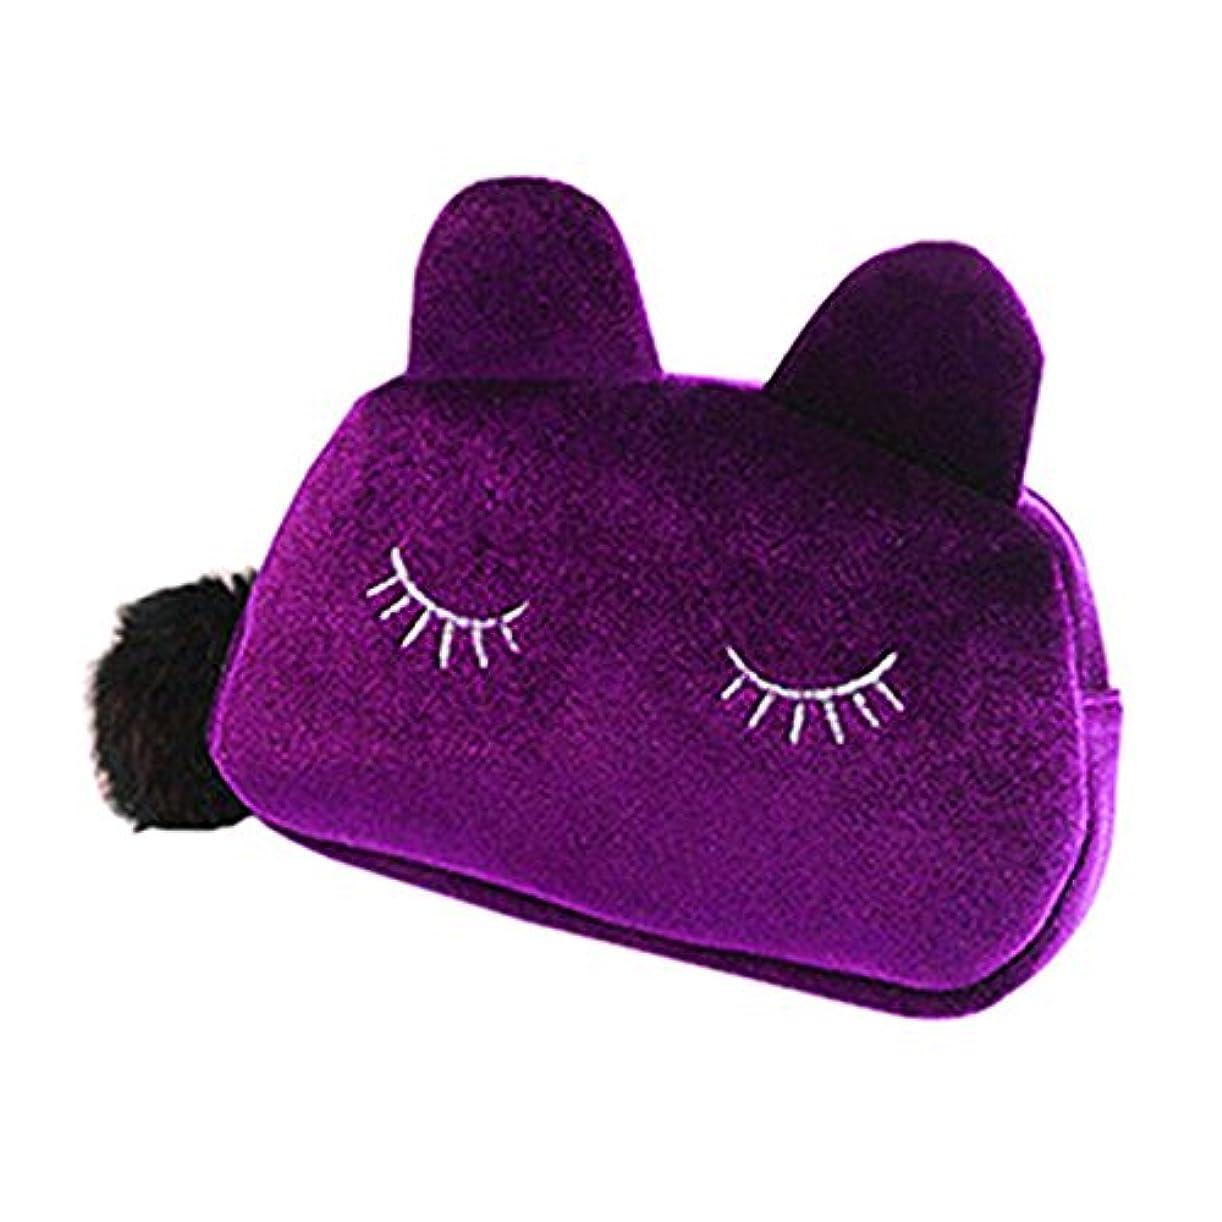 公使館スワップ急降下猫 化粧ポーチ バニティベロア ポンポン付き パープル